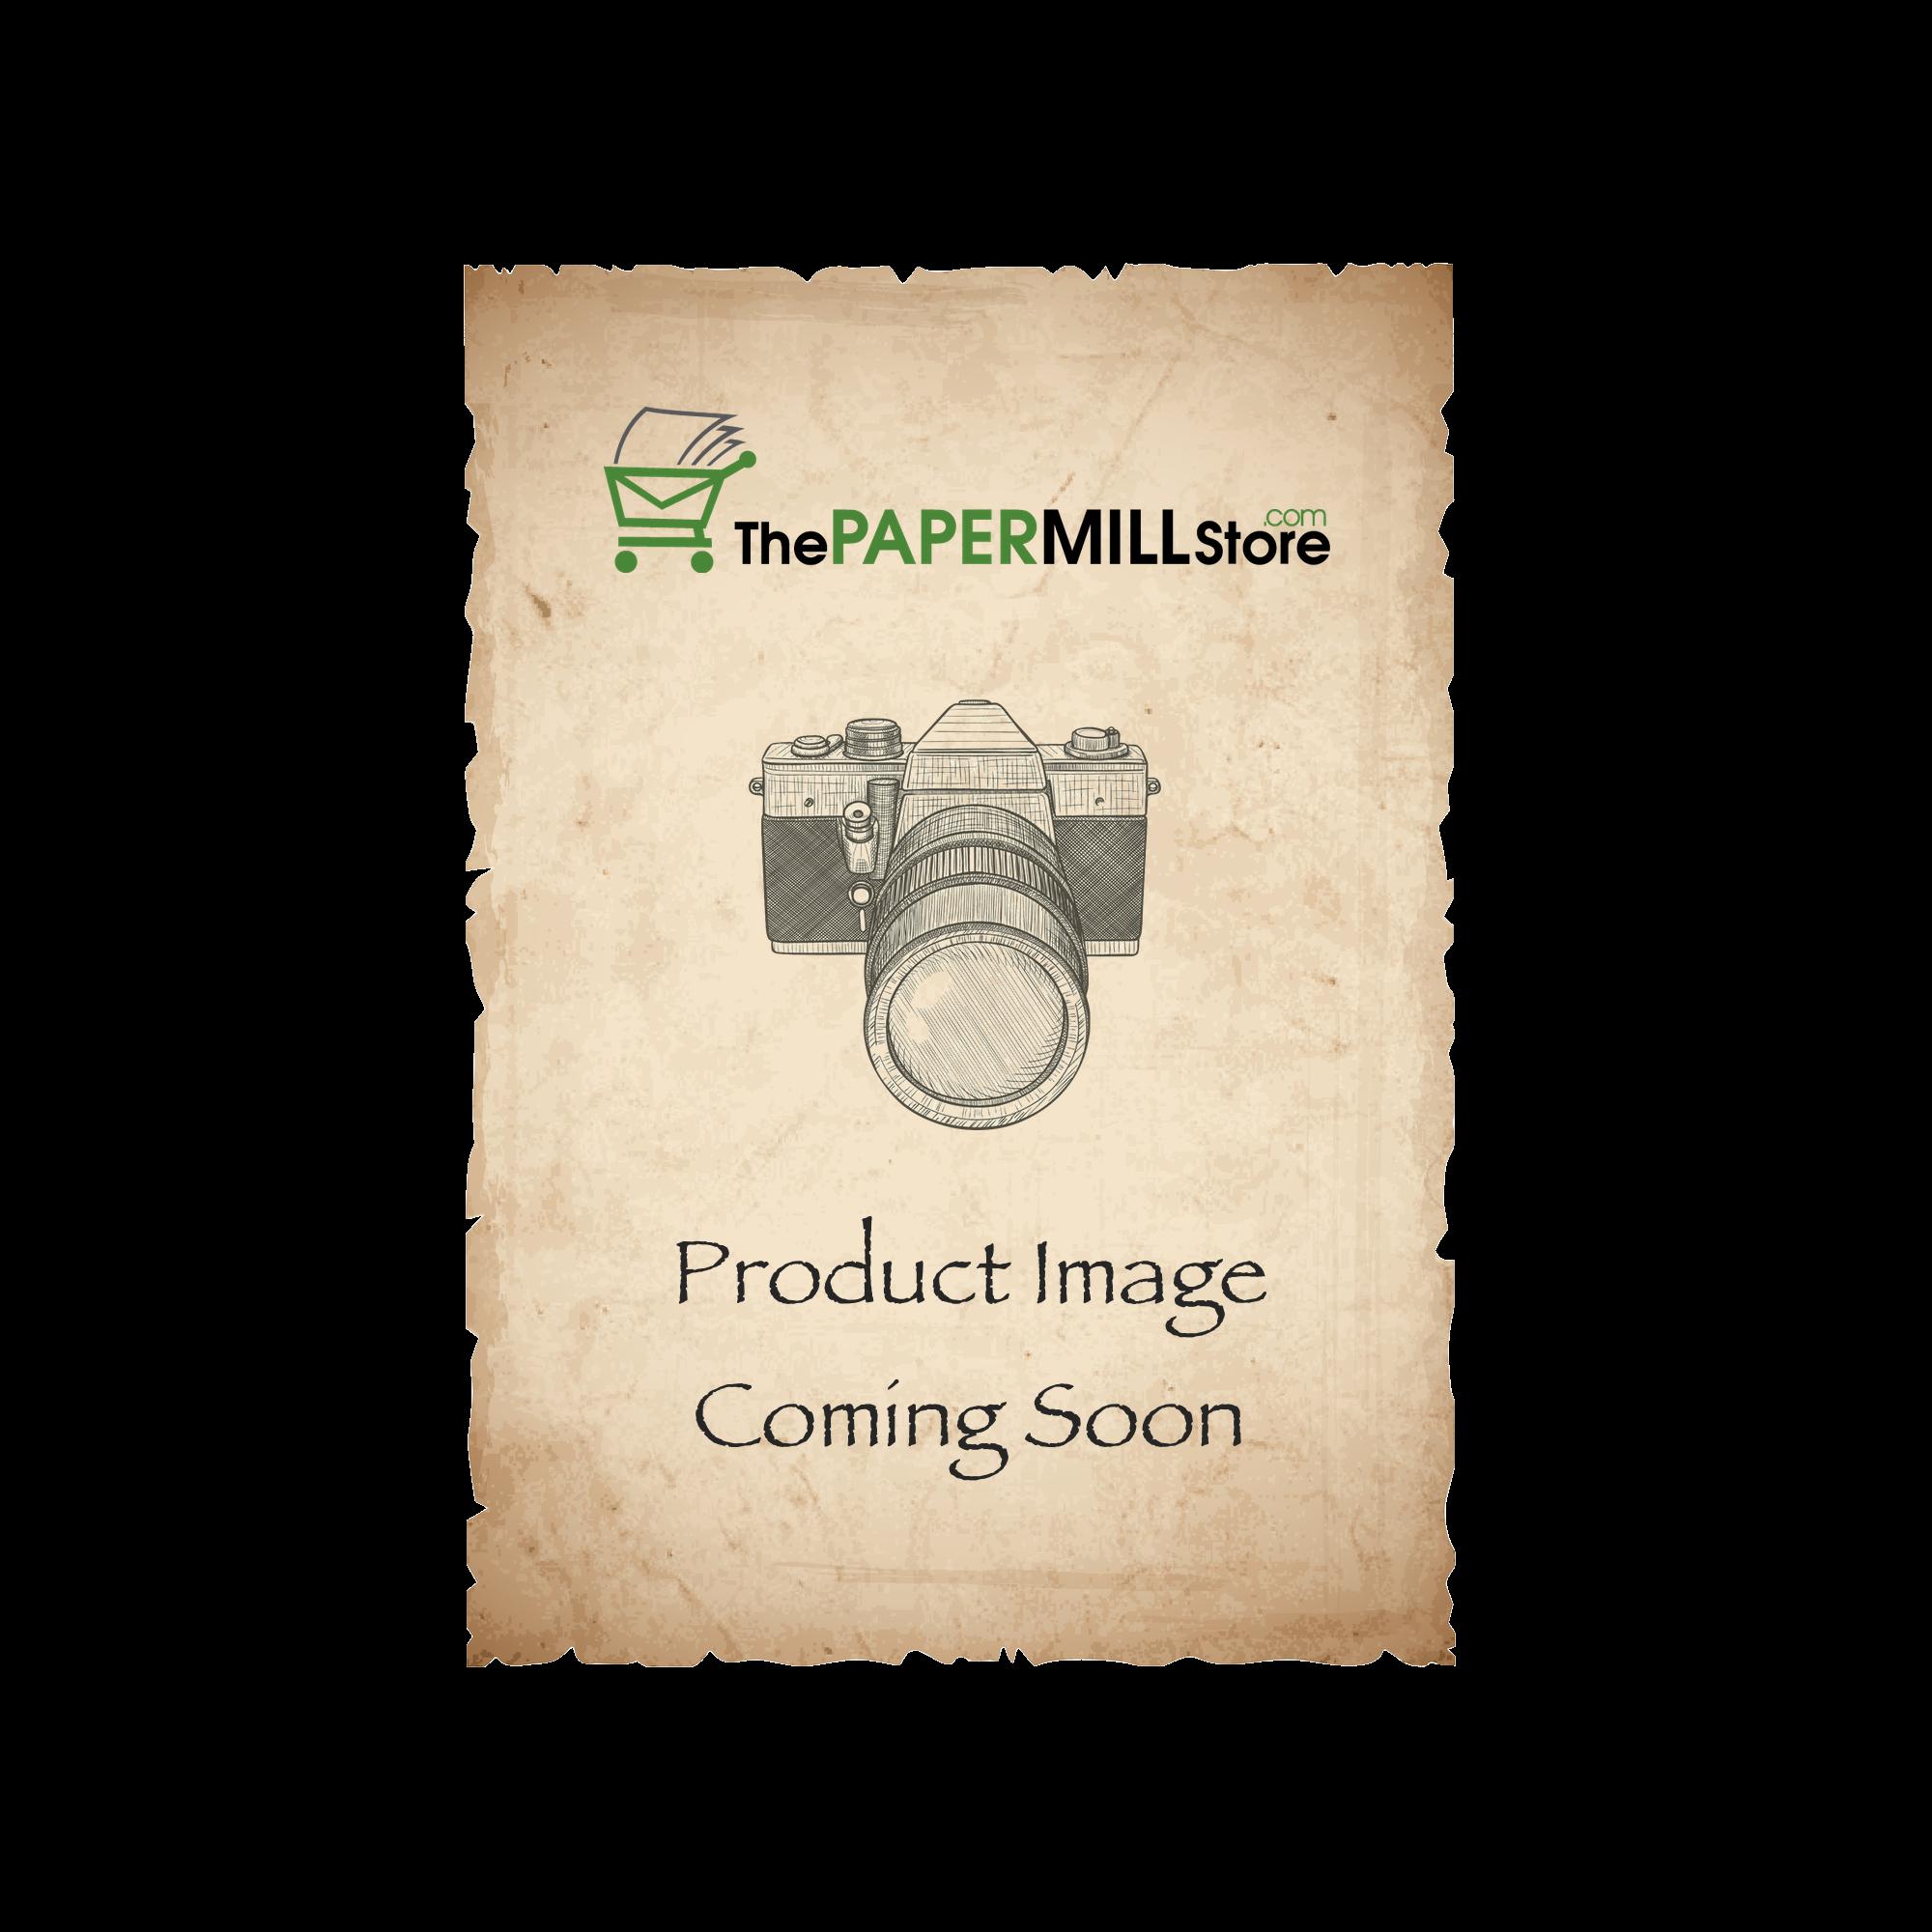 Kraft Brown/Brown Paper - 8 1/2 x 11 in 68 lb Text Fiber 25 per Package